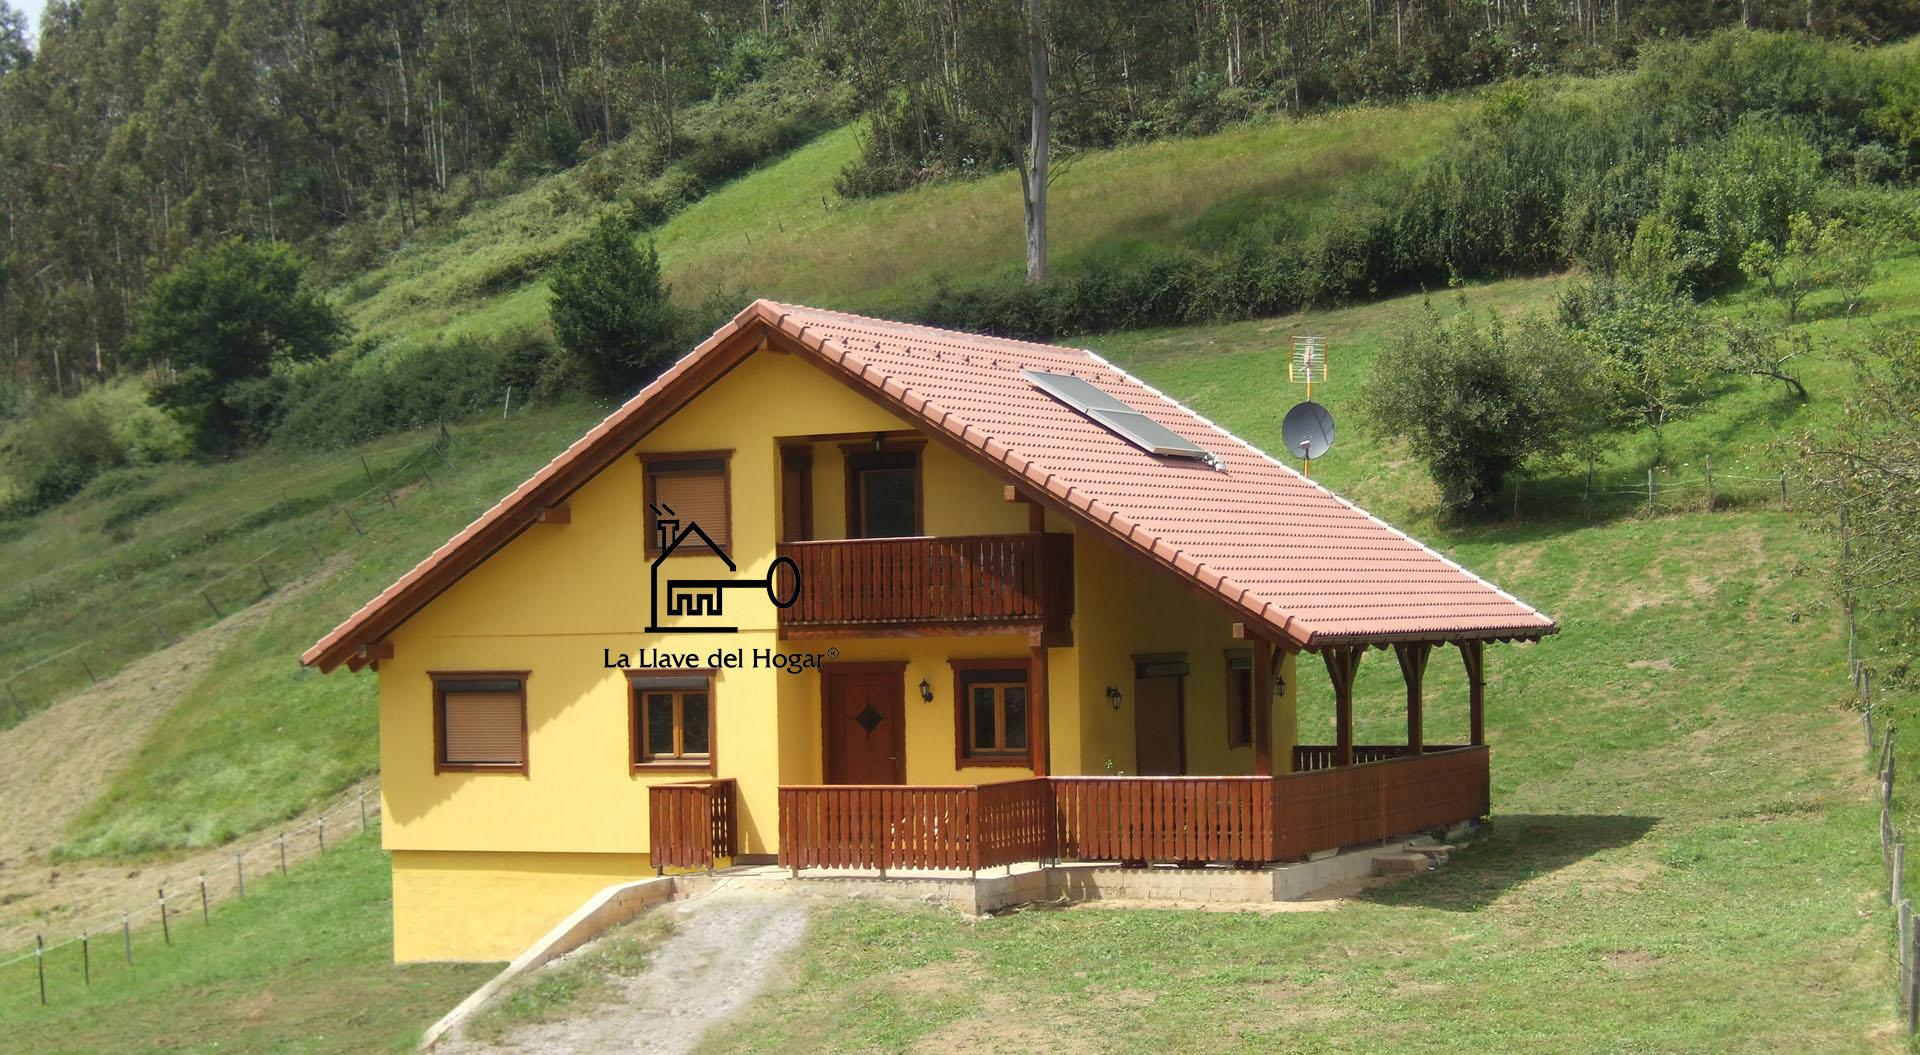 La llave del hogar casas de madera y entramado ligero - Refugios de madera prefabricados ...